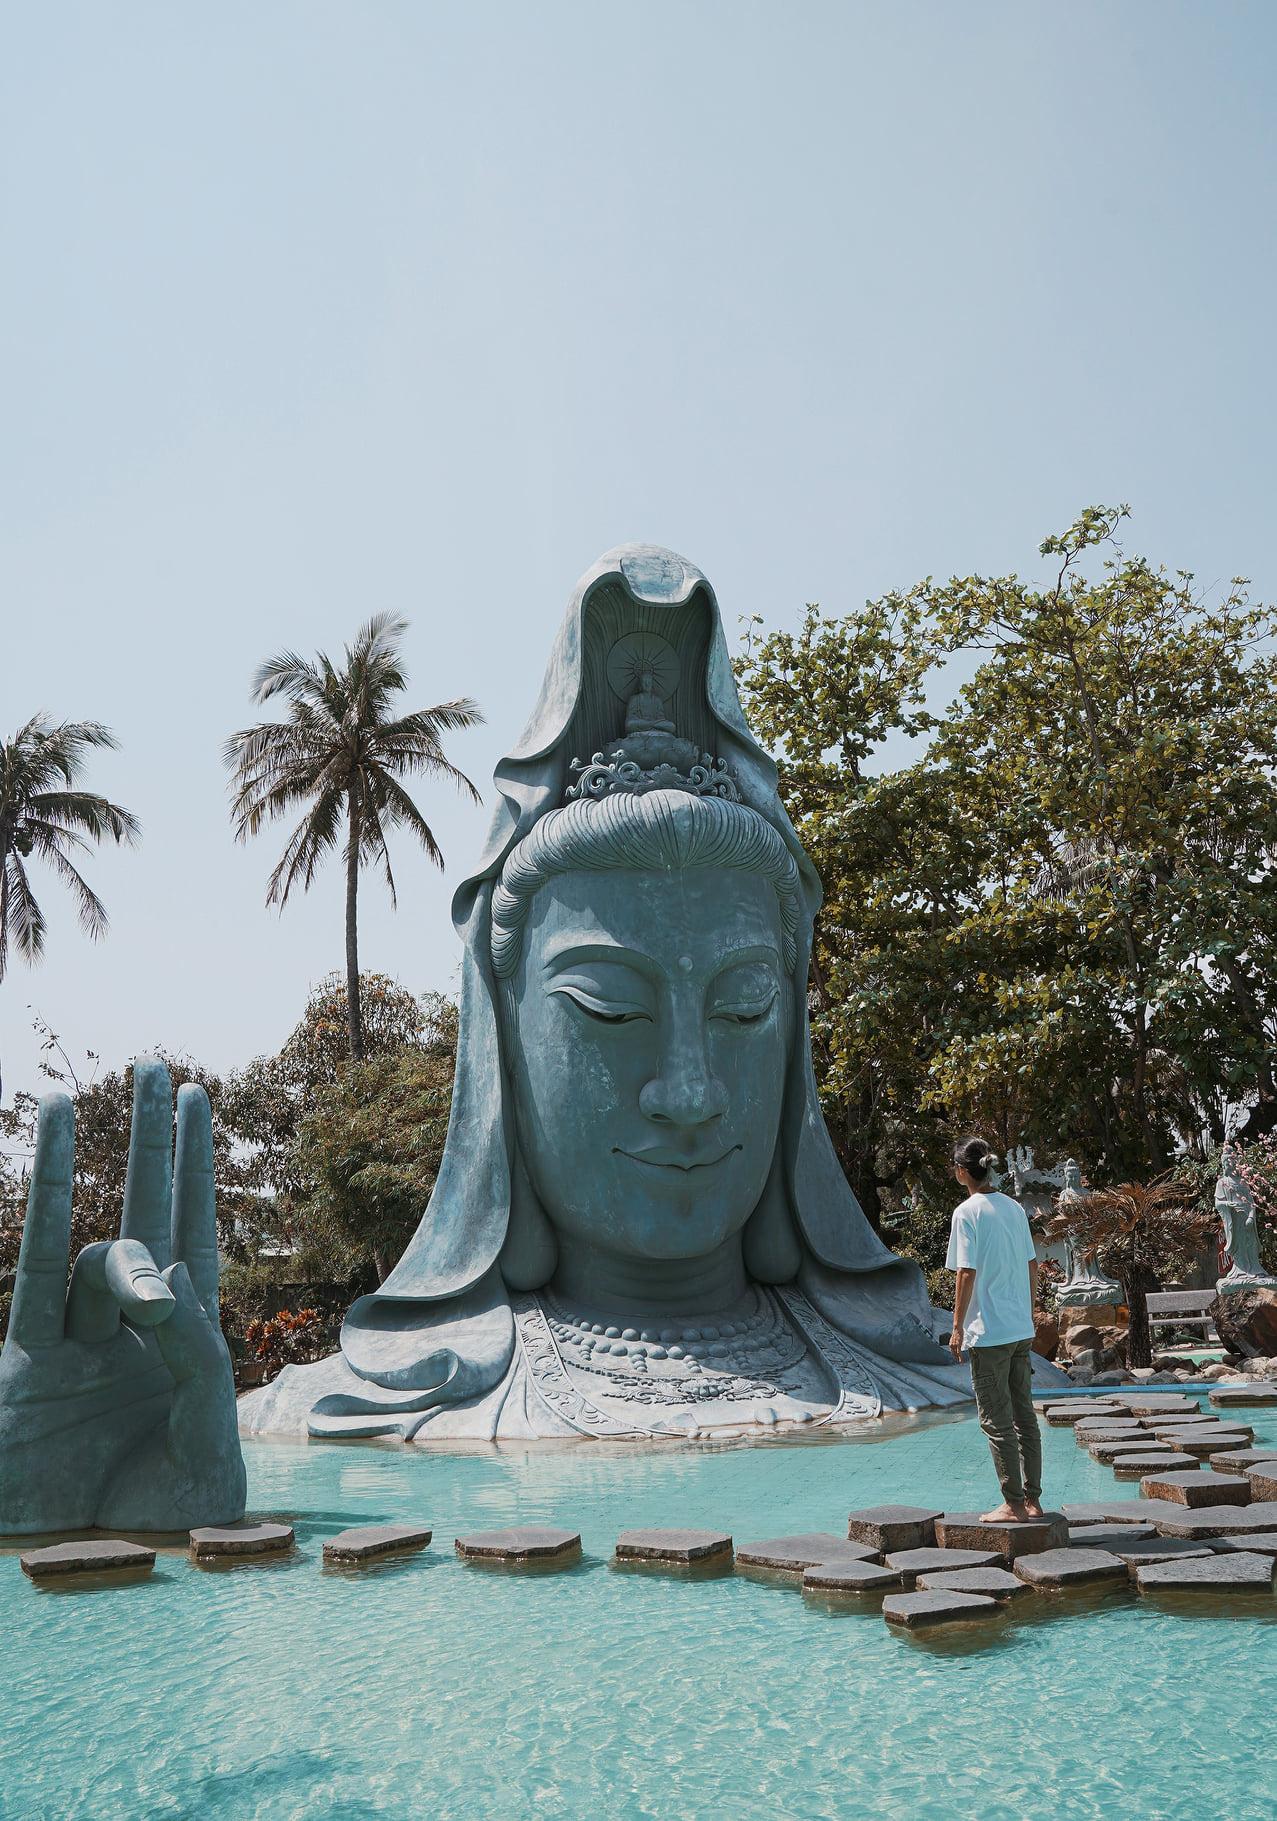 Phú Yên đầu hè qua góc nhìn của Kop Dinh và âm nhạc - Ảnh 4.